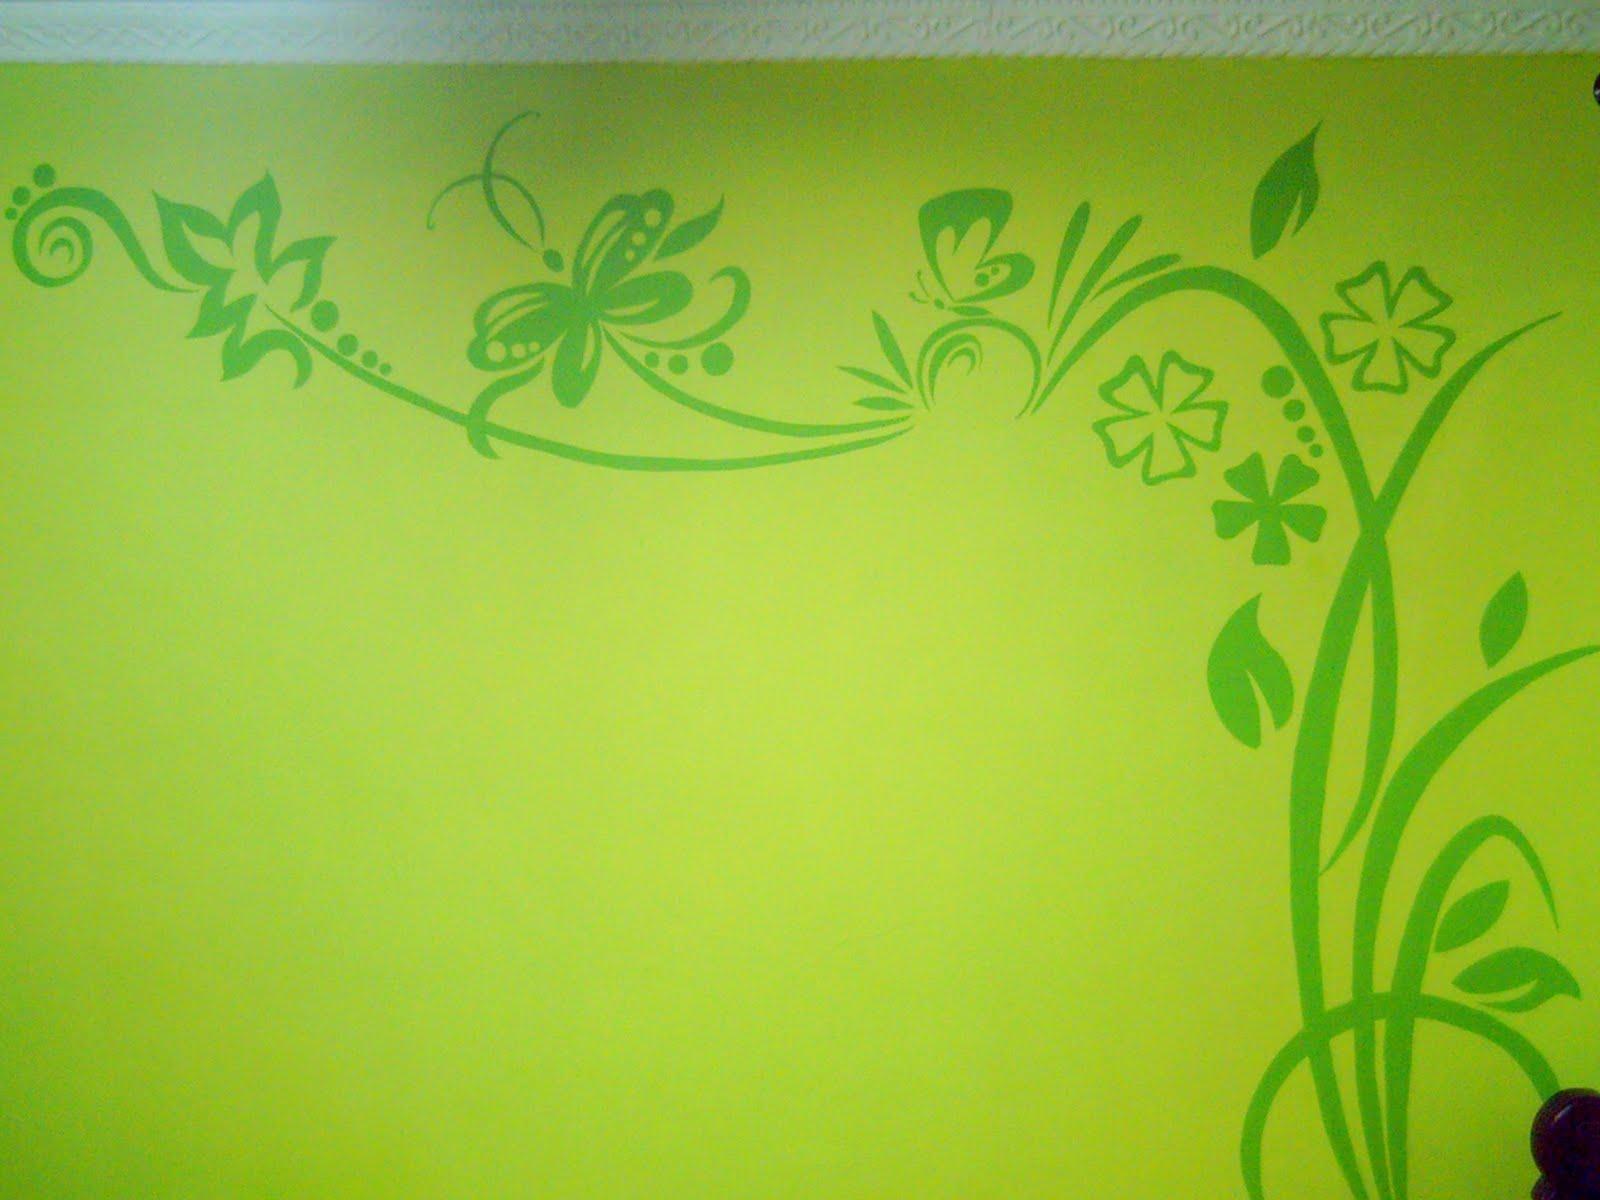 Decoro tus paredes dise os pintados sobre paredes for Disenos para paredes